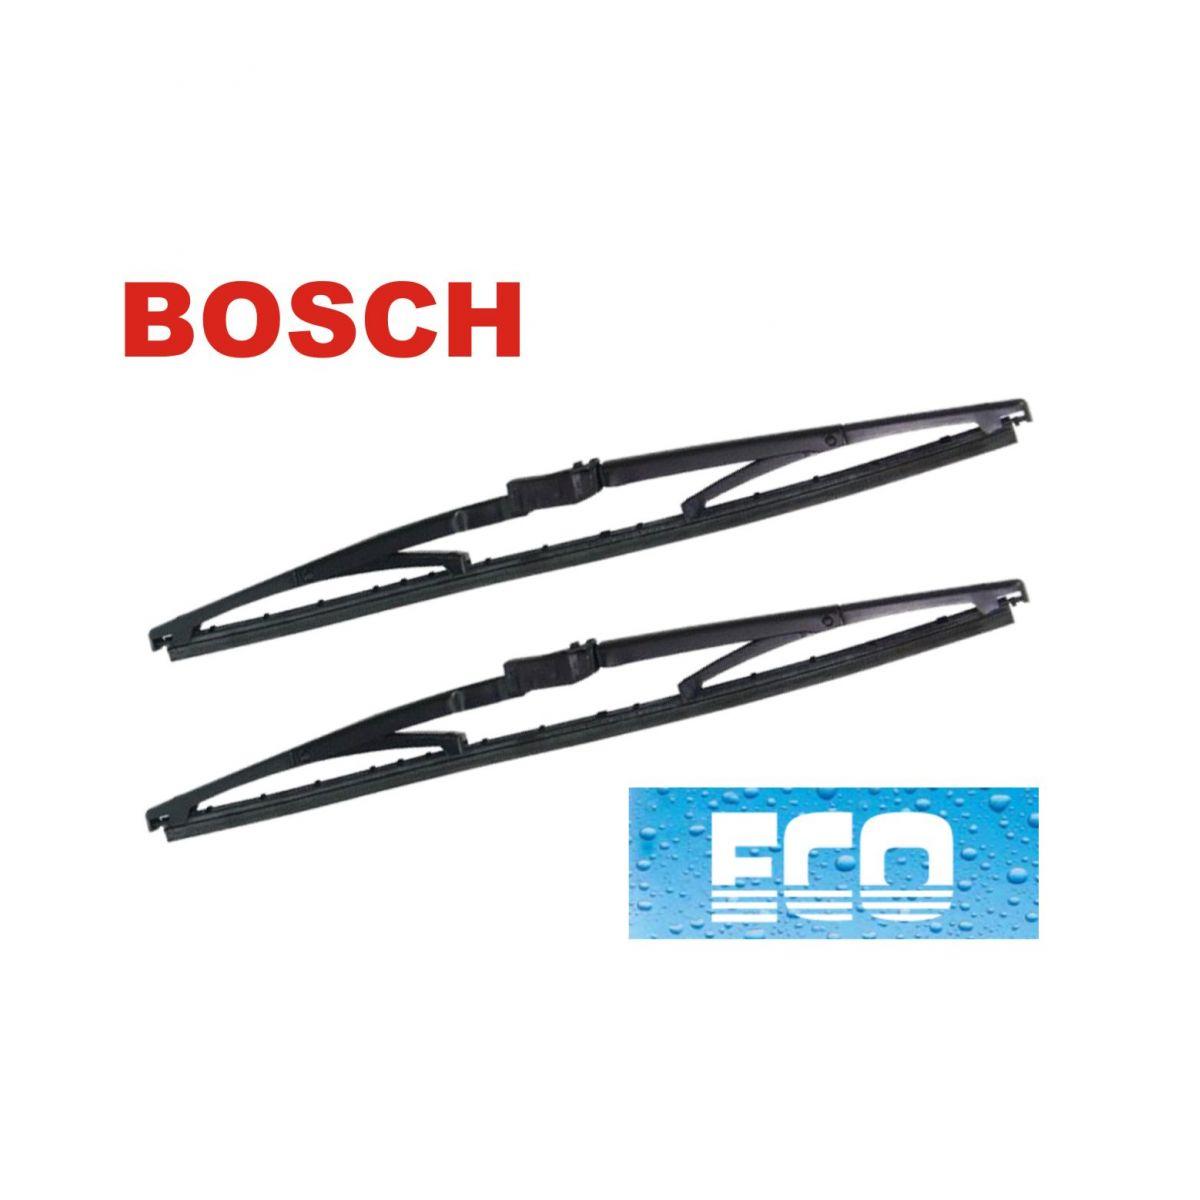 Palheta Bosch Eco Honda Fit 2003 até 2008